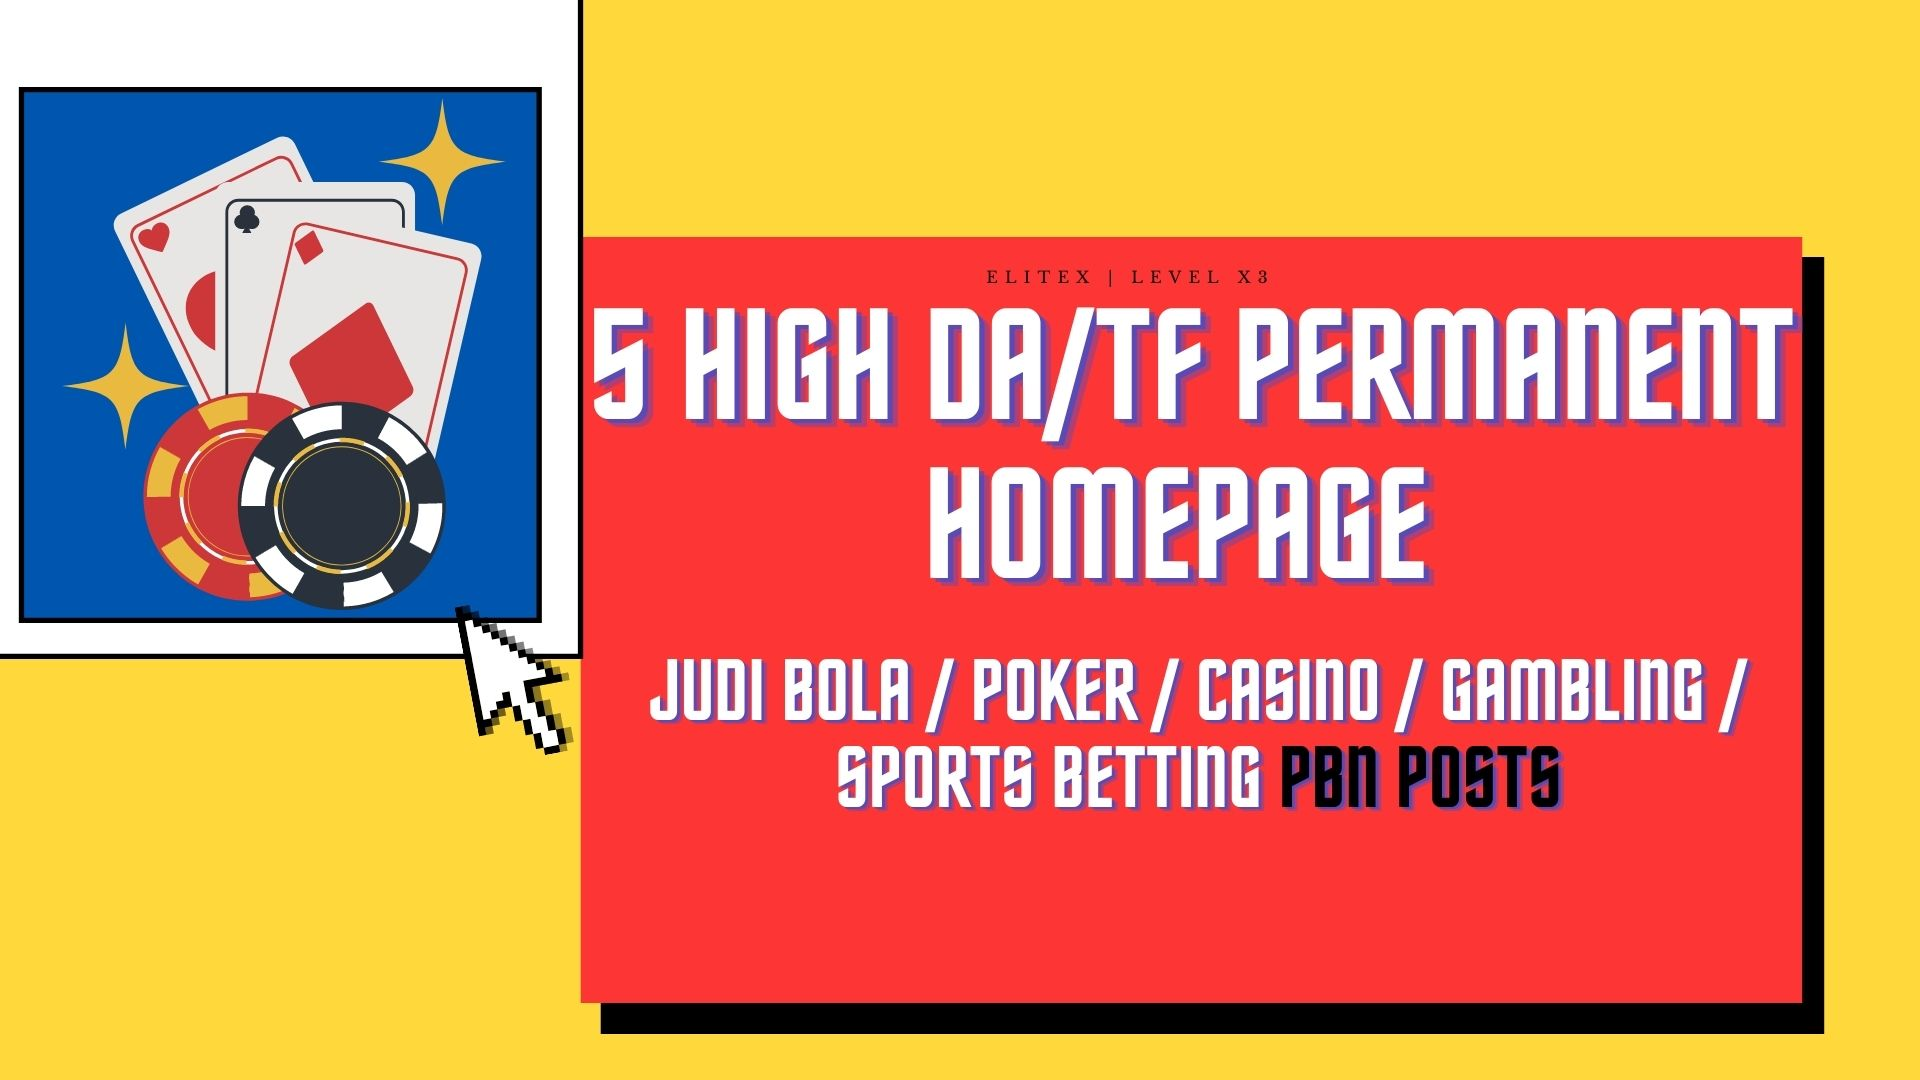 The Real OG Is Back - 10 PBNS JUDI BOLA / POKER / CASINO / Gambling / Sport Betting